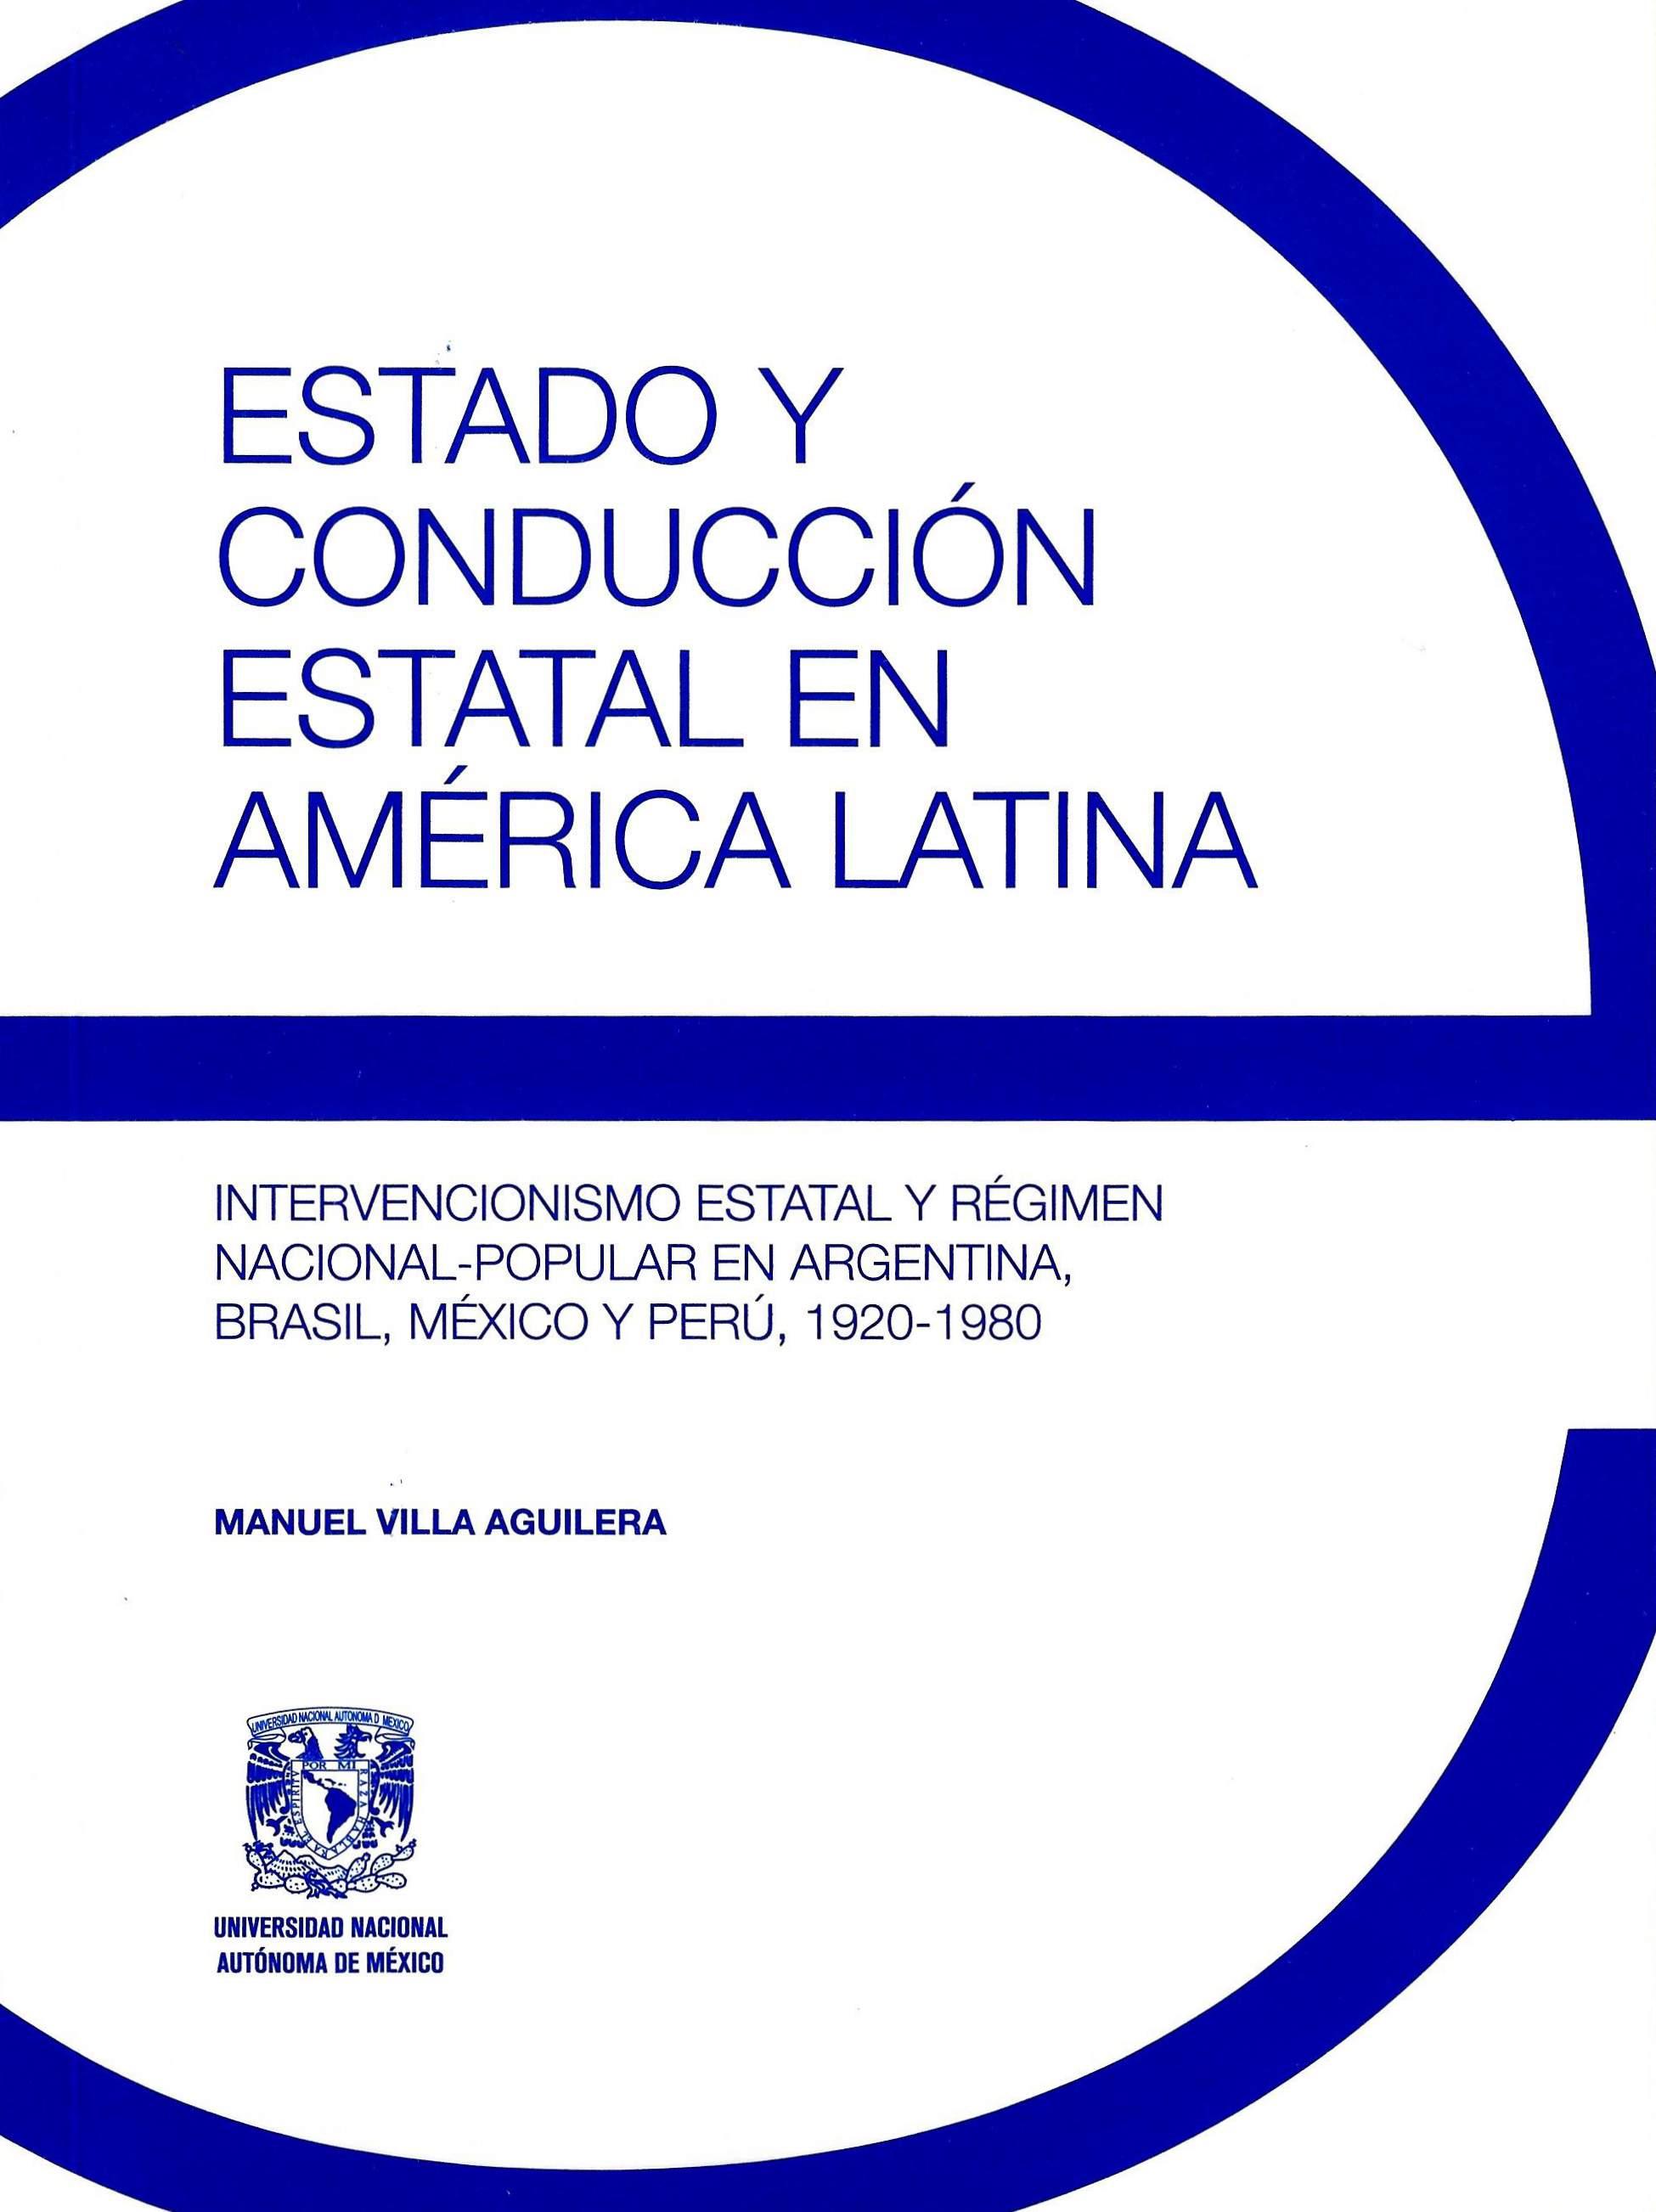 Estado y conducción estatal en América Latina. Intervencionismo estatal y régimen nacional-popular en Argentina, Brasil, México y Perú, 1920-1980